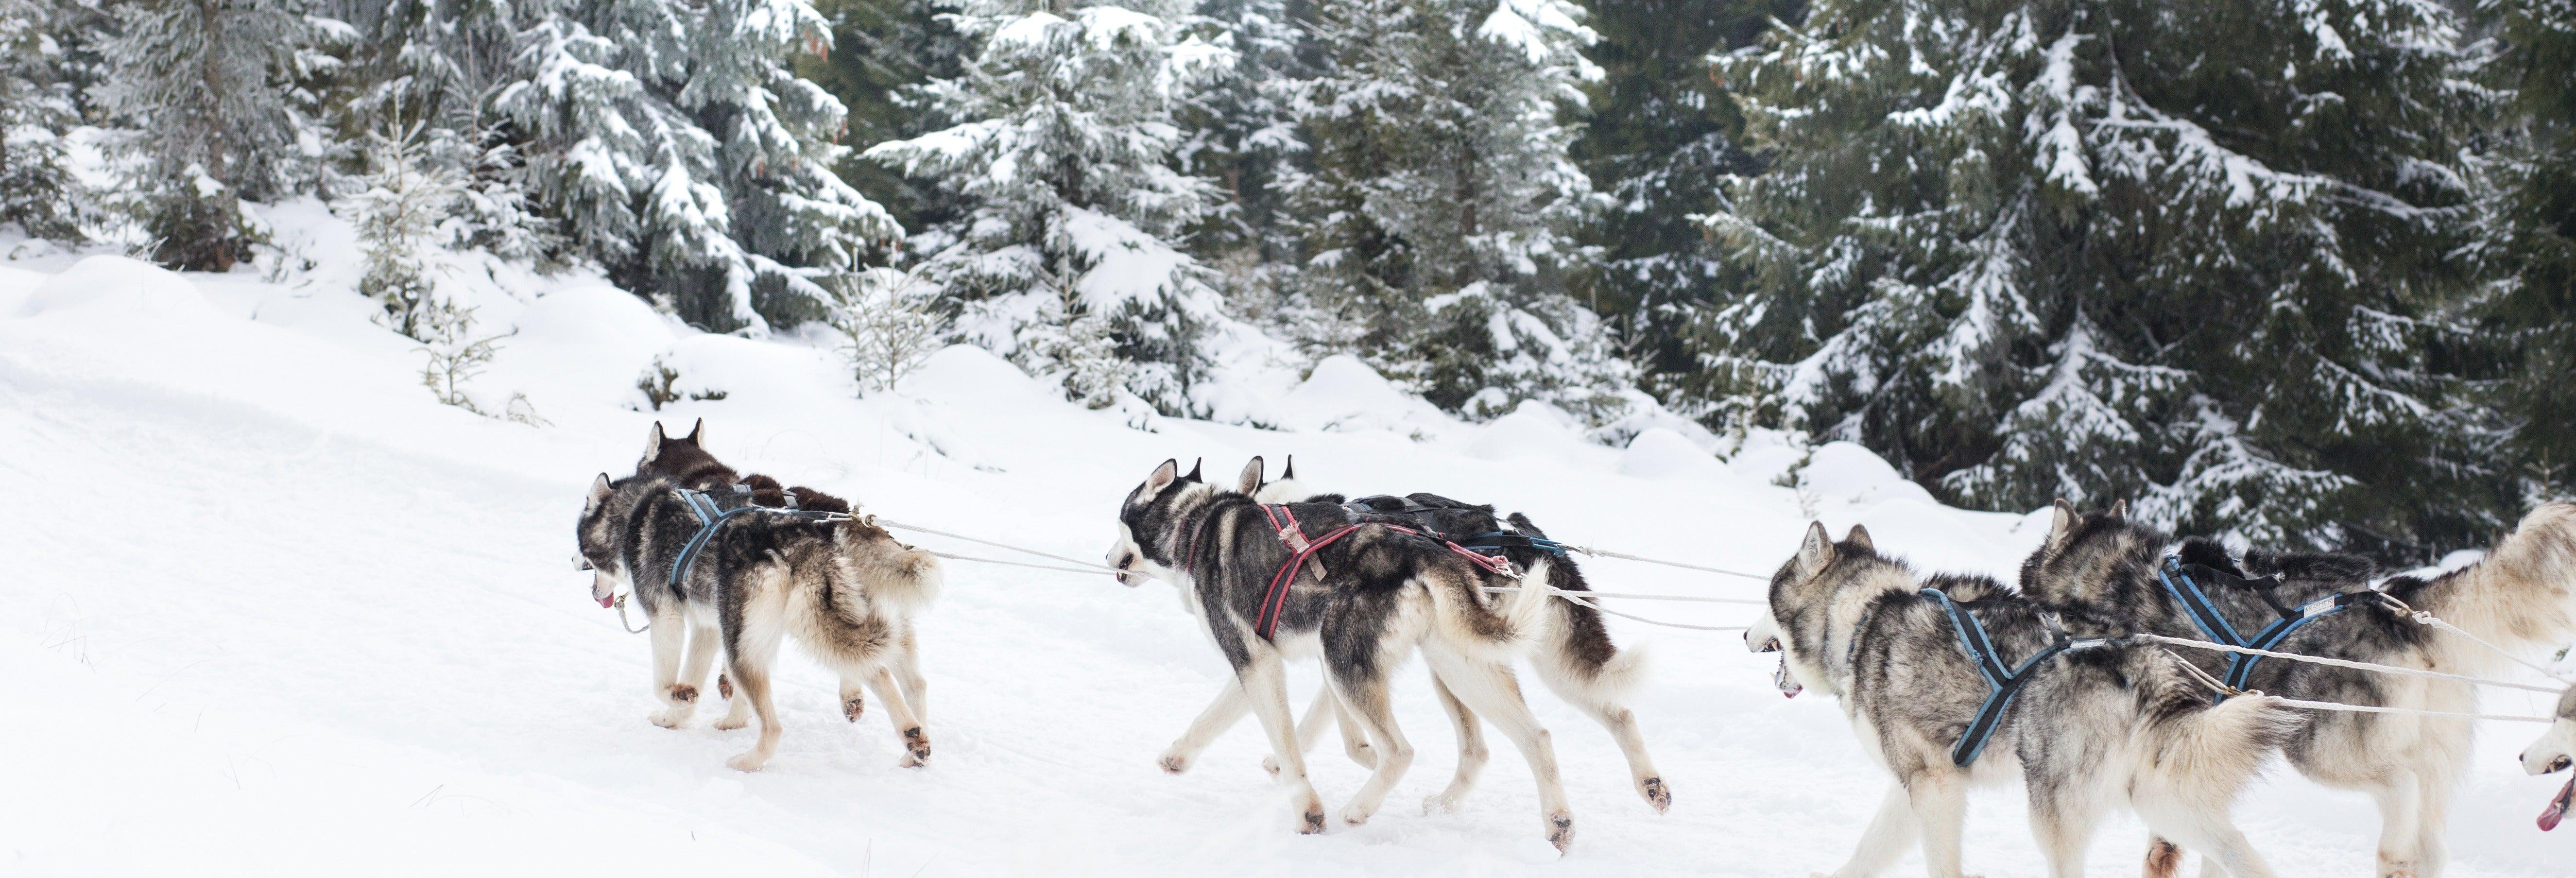 Paseo en trineo de perros husky